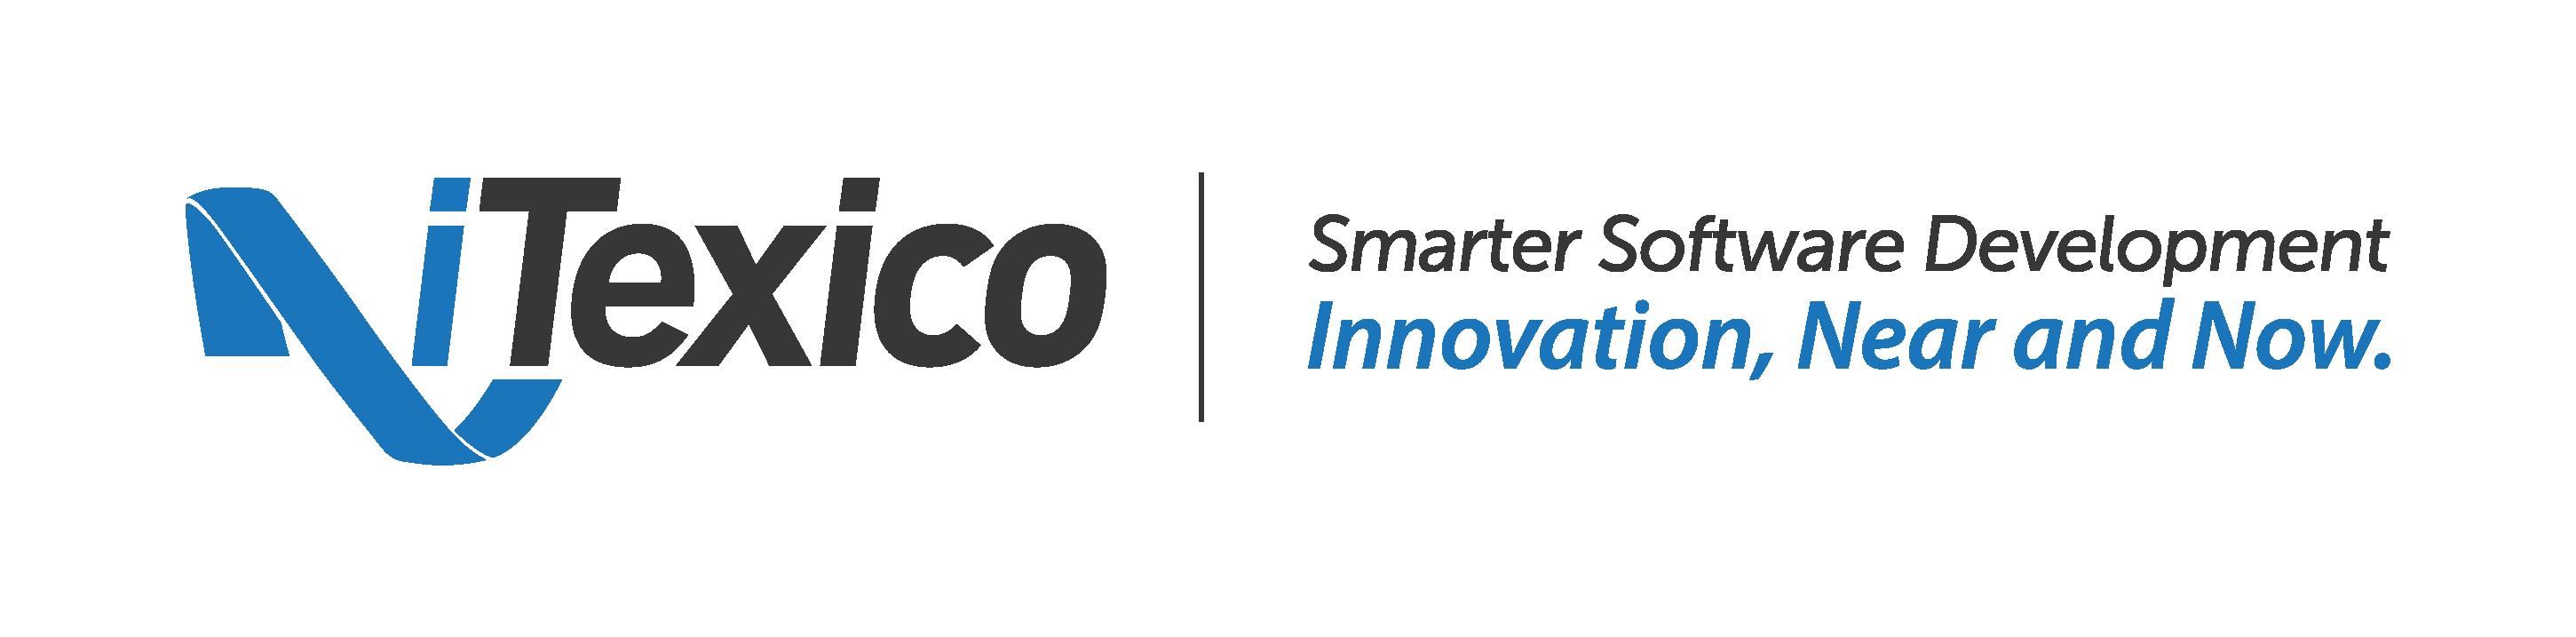 iTexico Logo - Nearshore Company